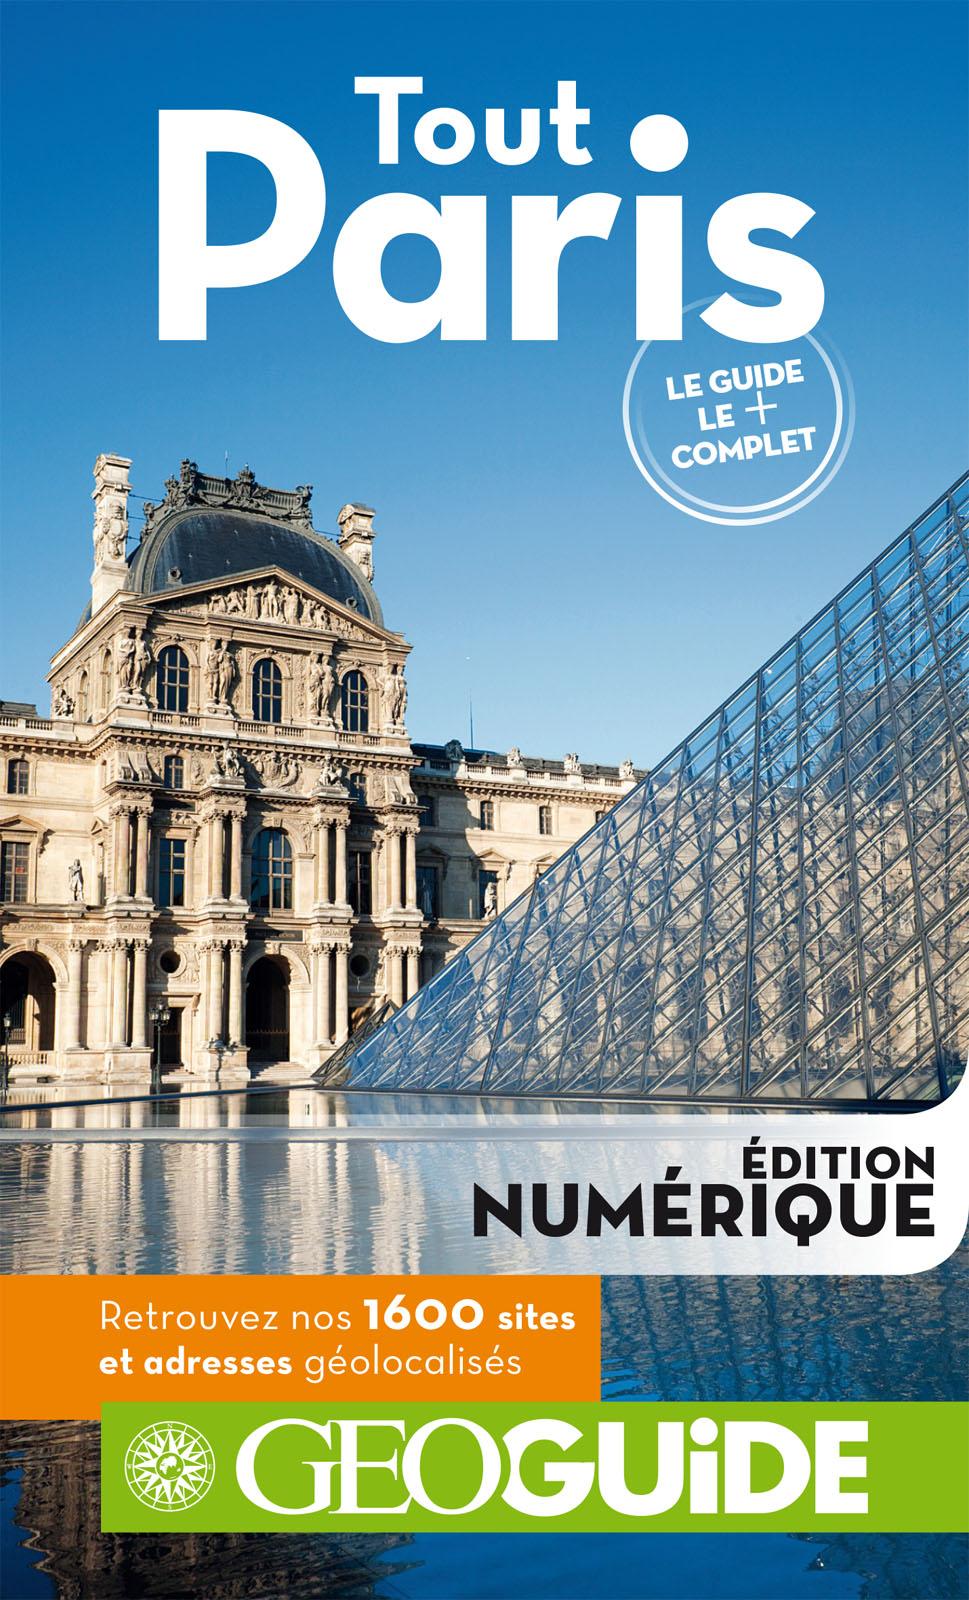 GEOguide Tout Paris (le guide le + complet)